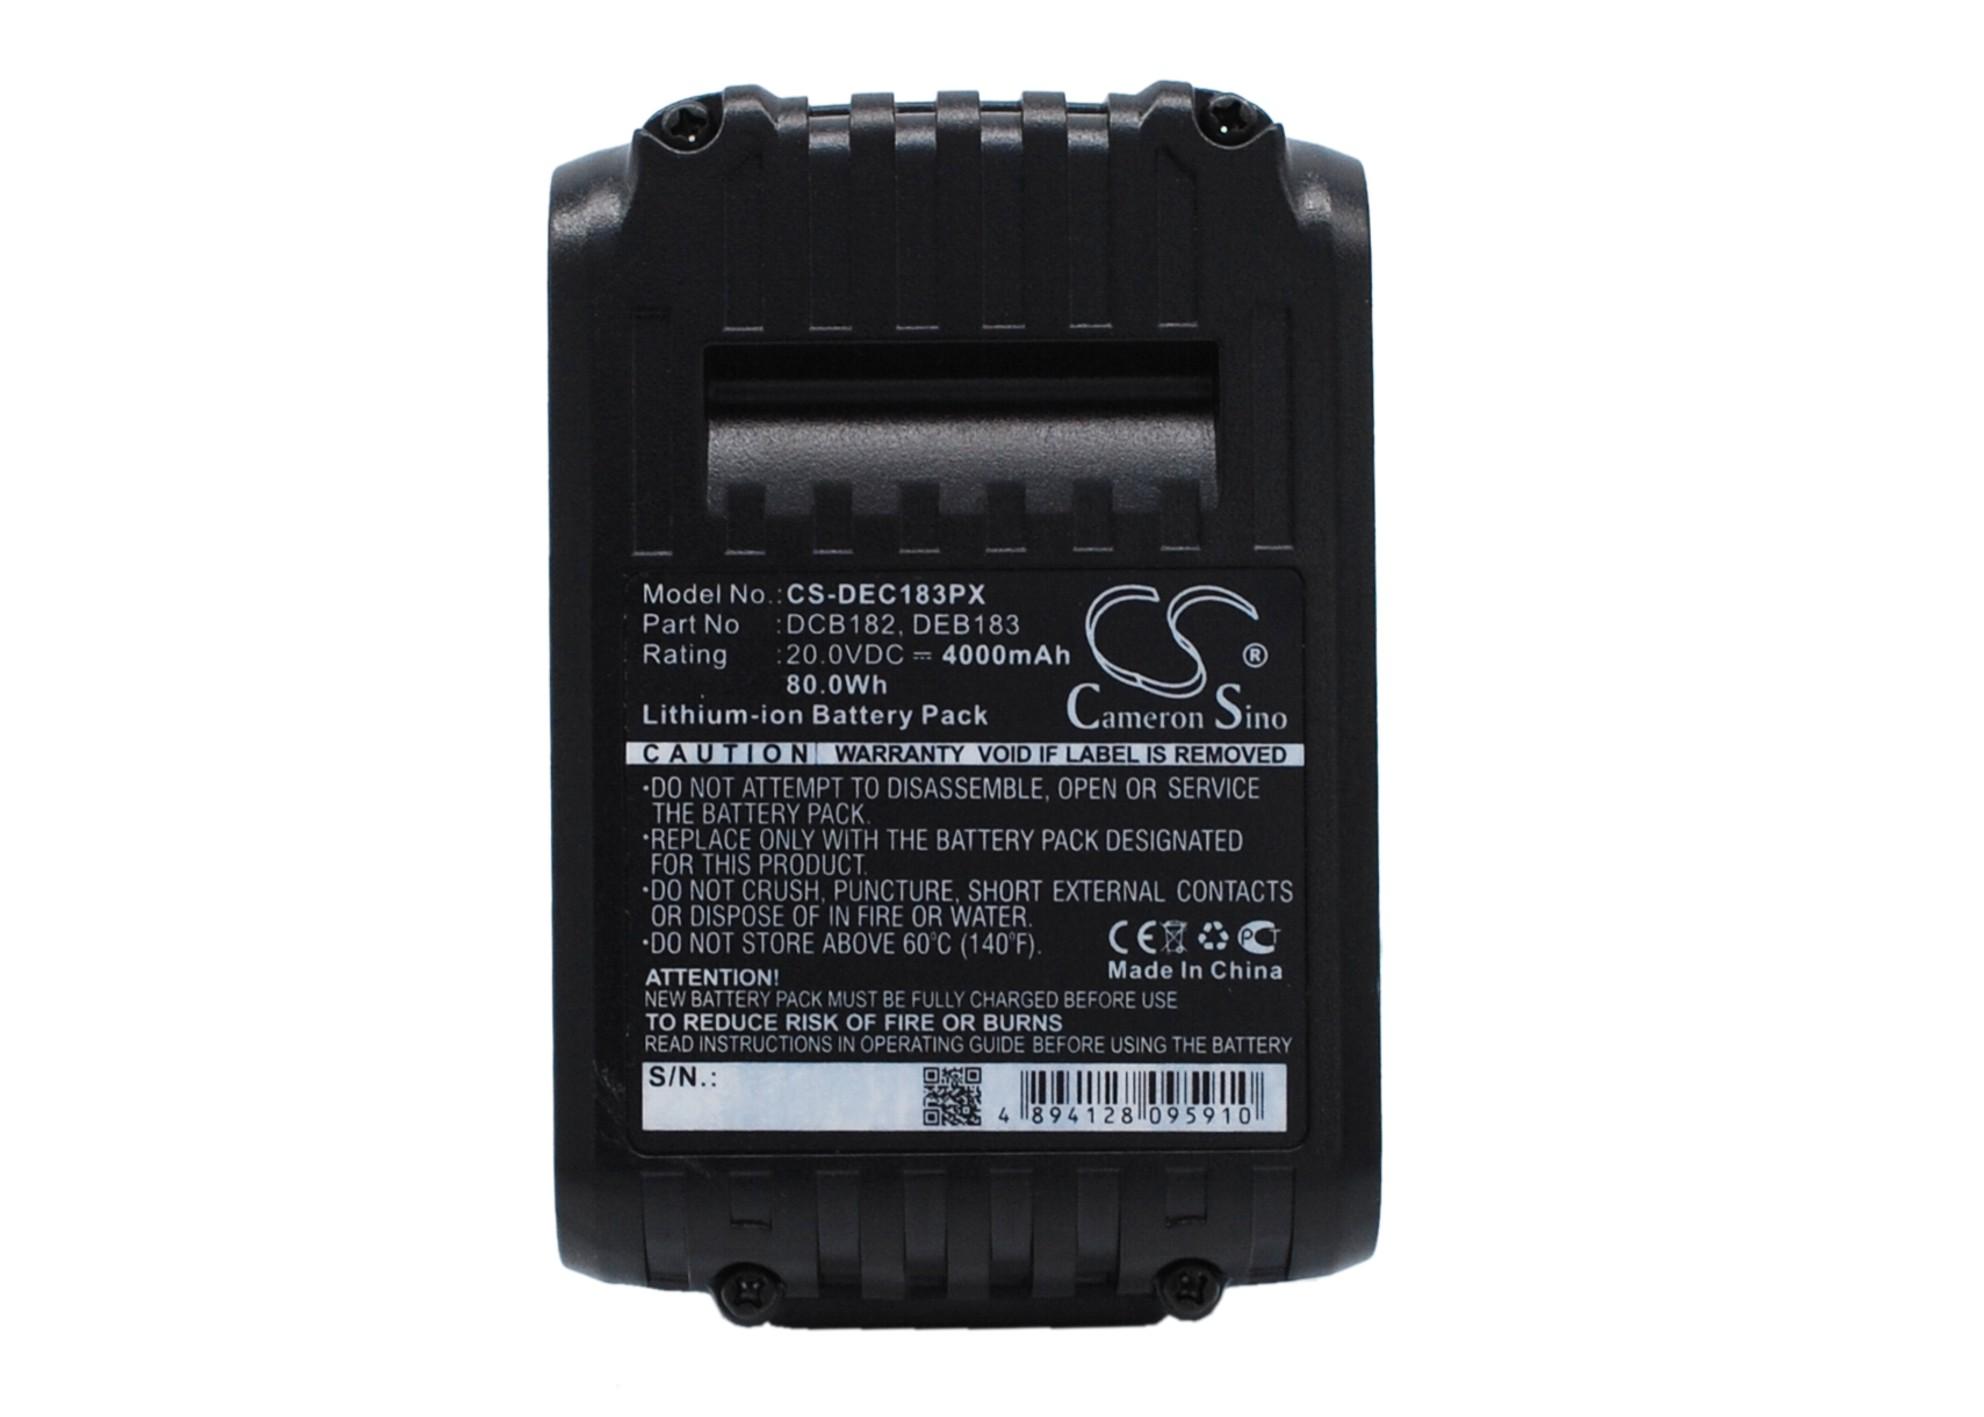 Cameron Sino baterie do nářadí pro DEWALT DCS393 20V Li-ion 4000mAh černá - neoriginální